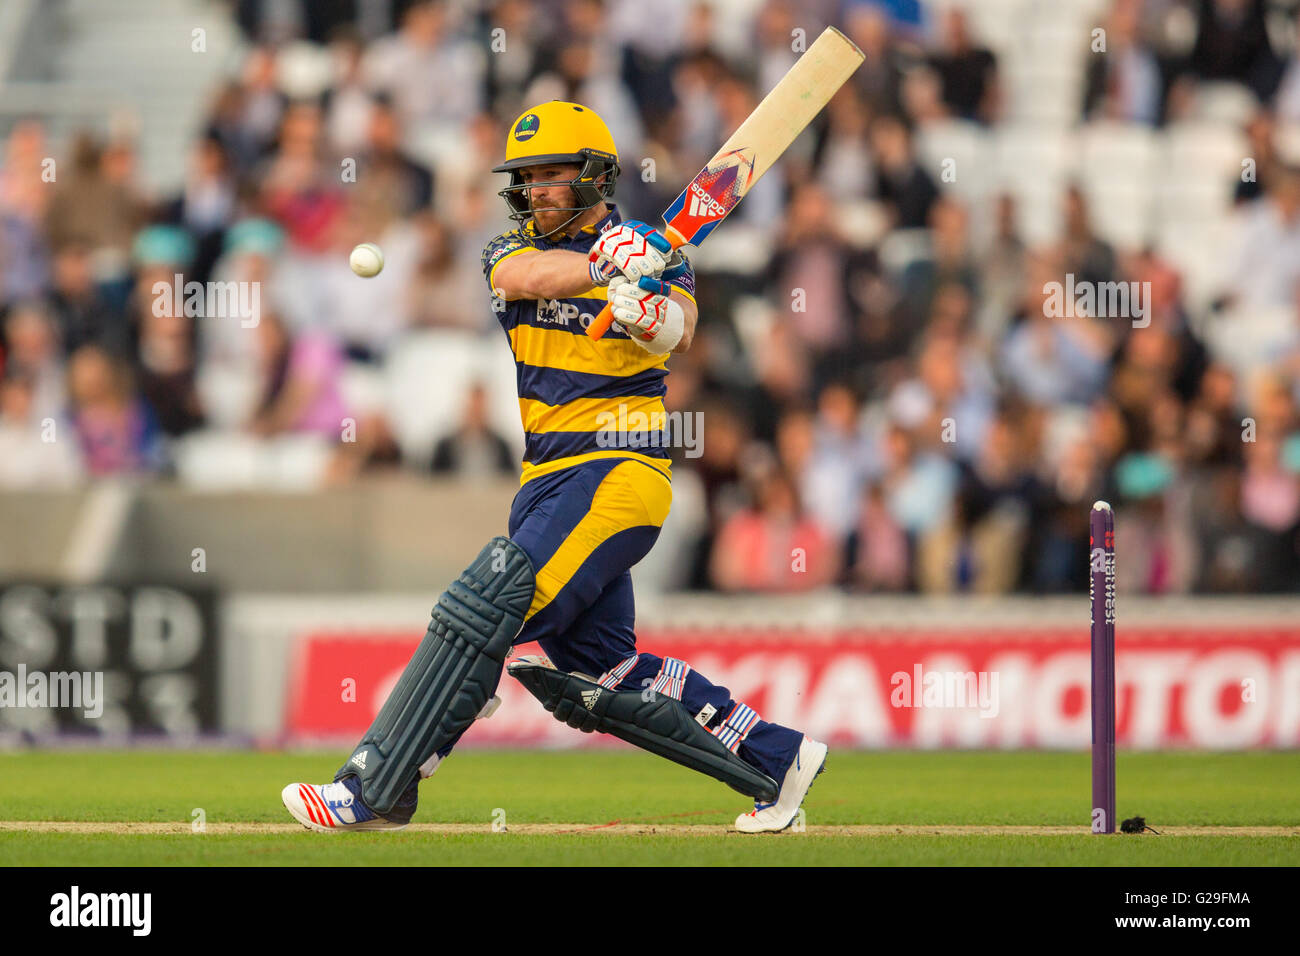 Londra, Regno Unito. Il 26 maggio 2016. David Lloyd alla battuta per Glamorgan in T20 blast partita di cricket al Immagini Stock